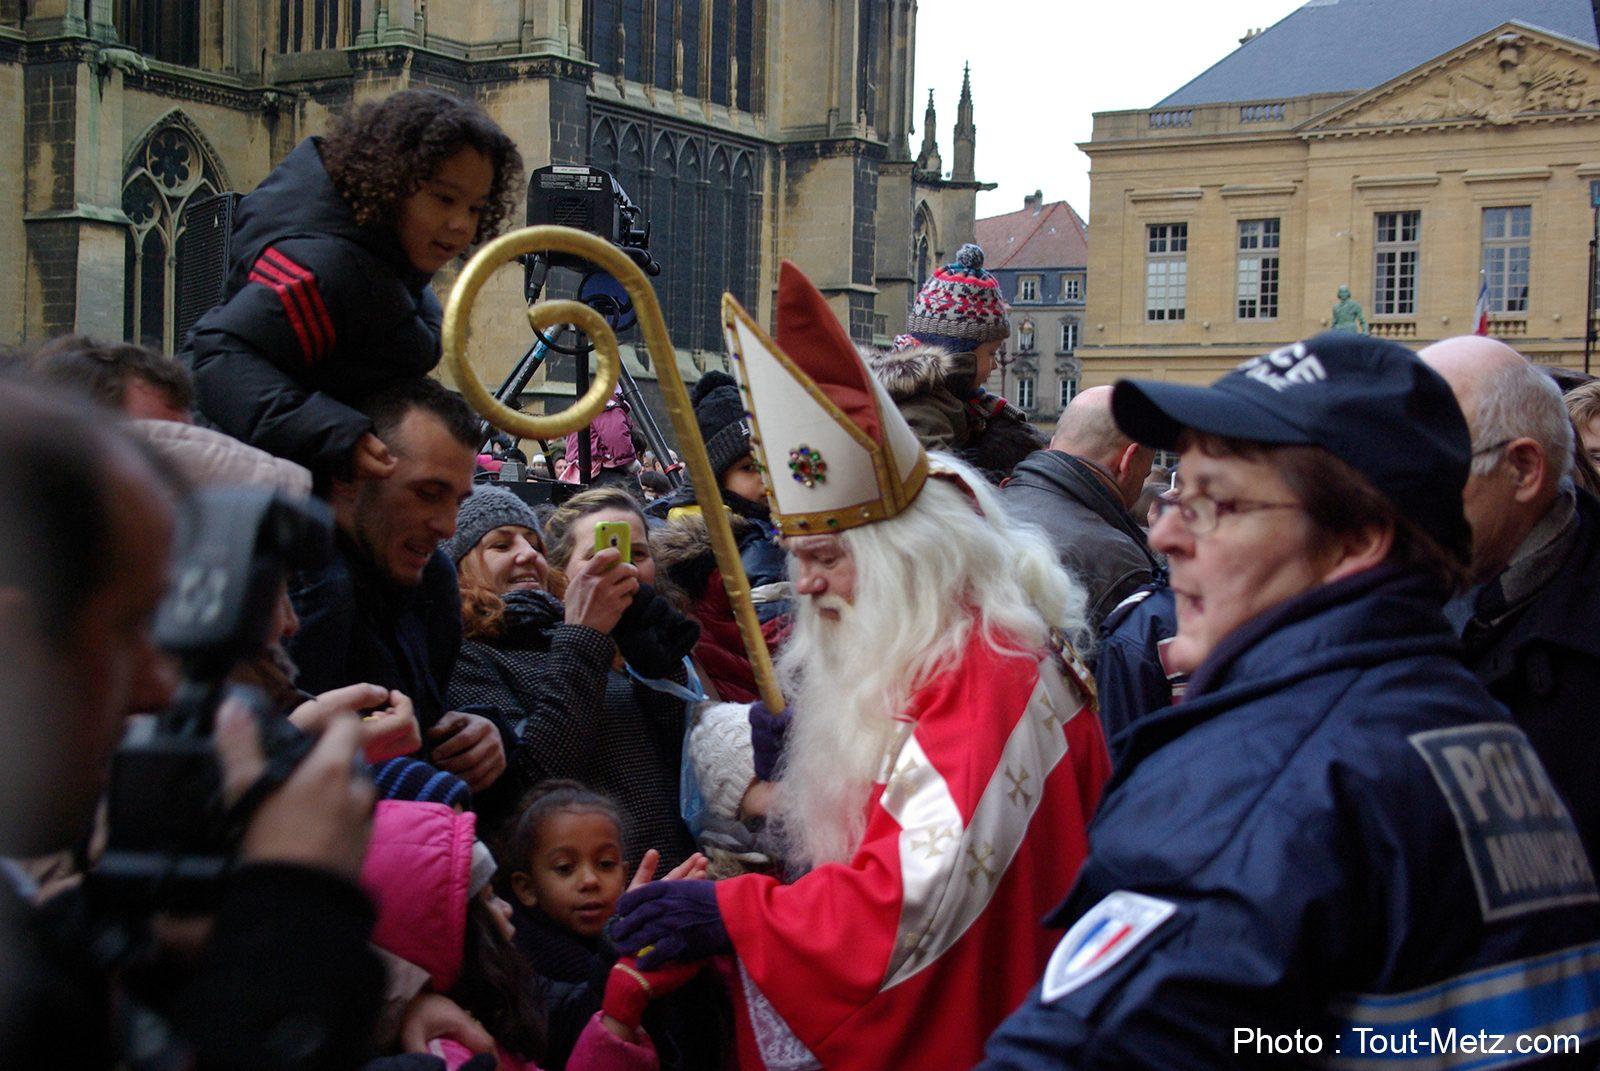 Saint-Nicolas à Metz : des bonbons et un Graoully marié (photos + vidéos)